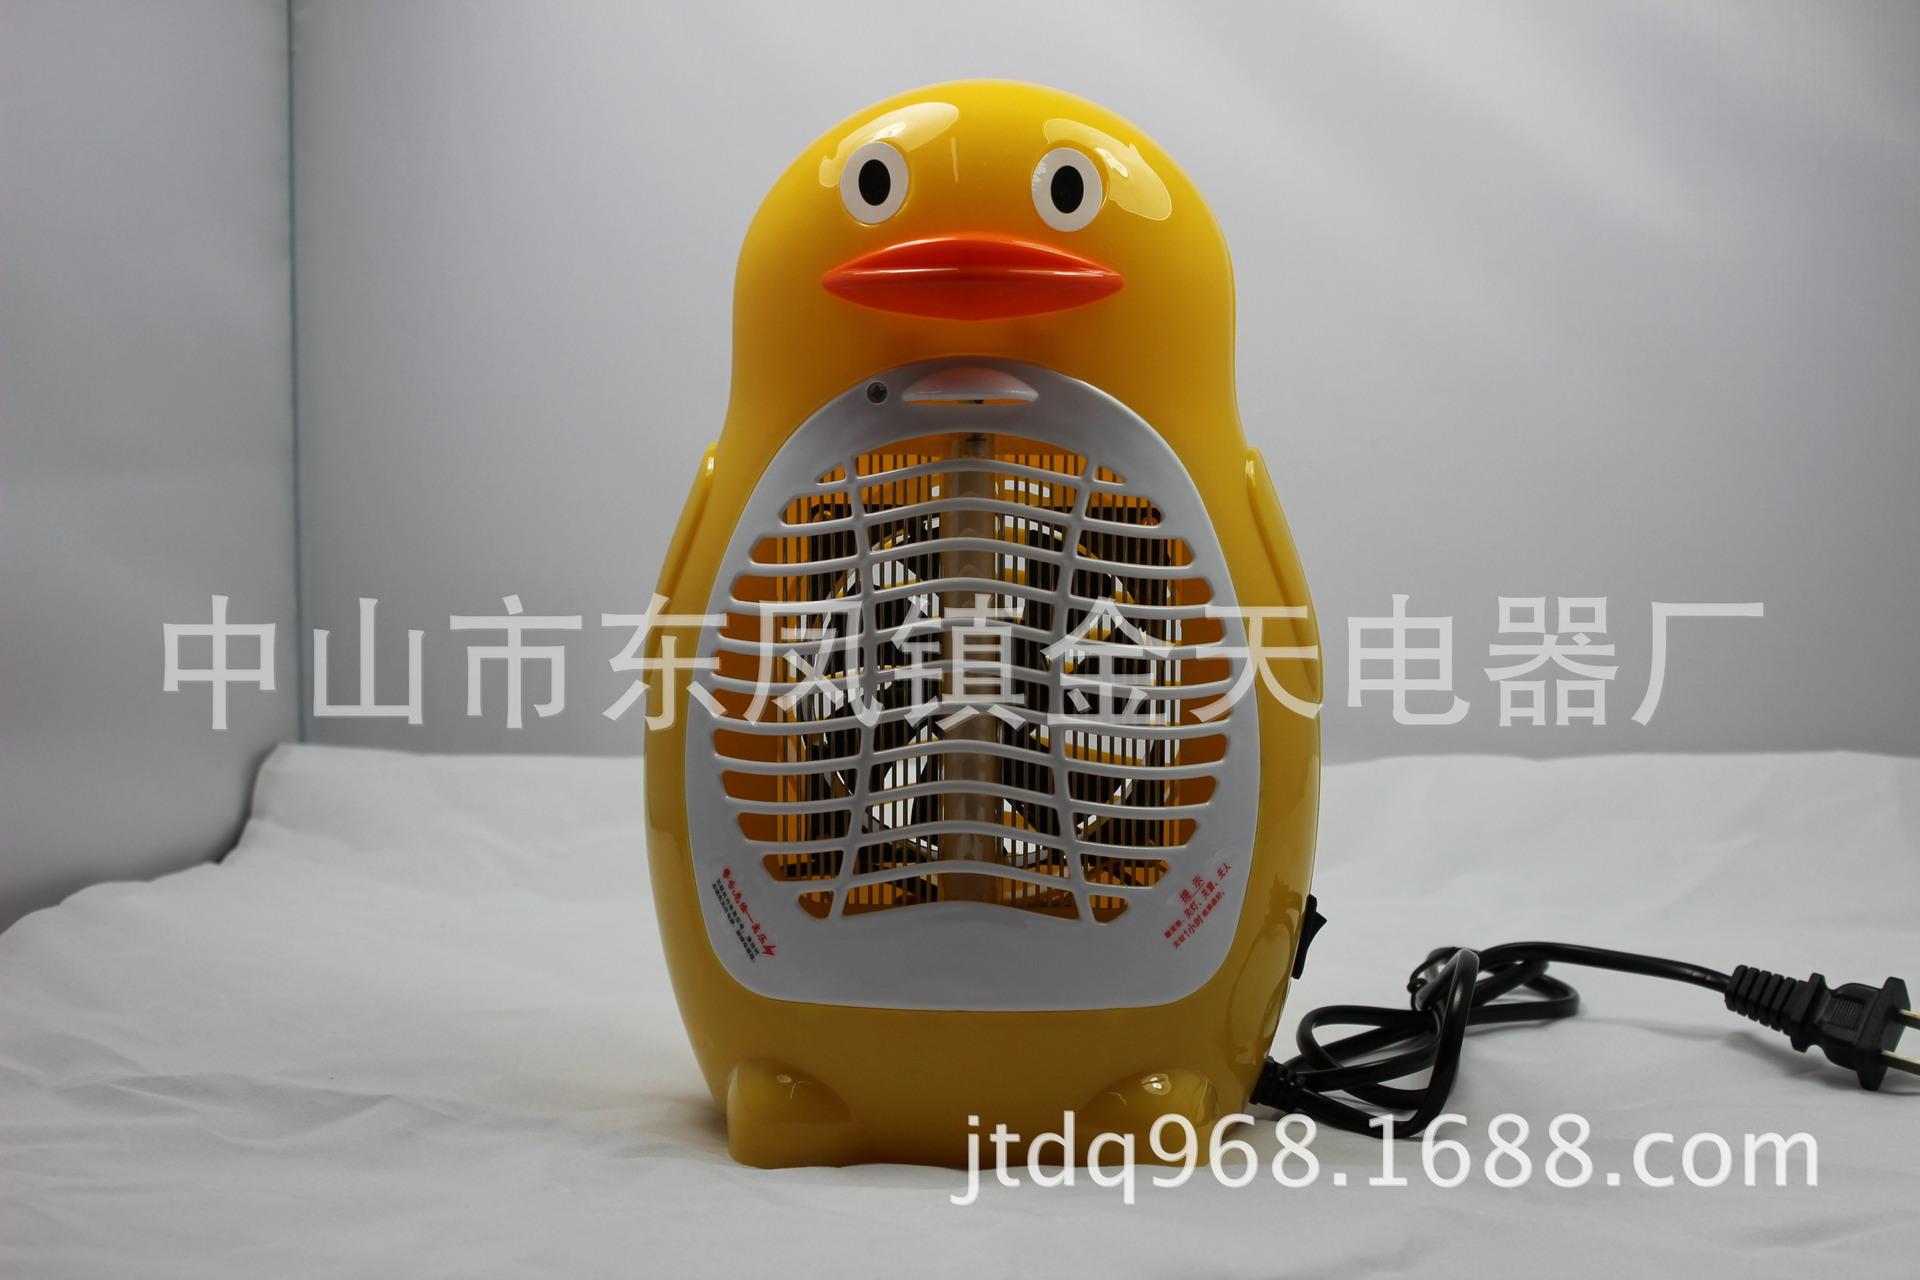 灭蚊灯灭蚊器驱蚊电子式灭蚊家用电蚊产品